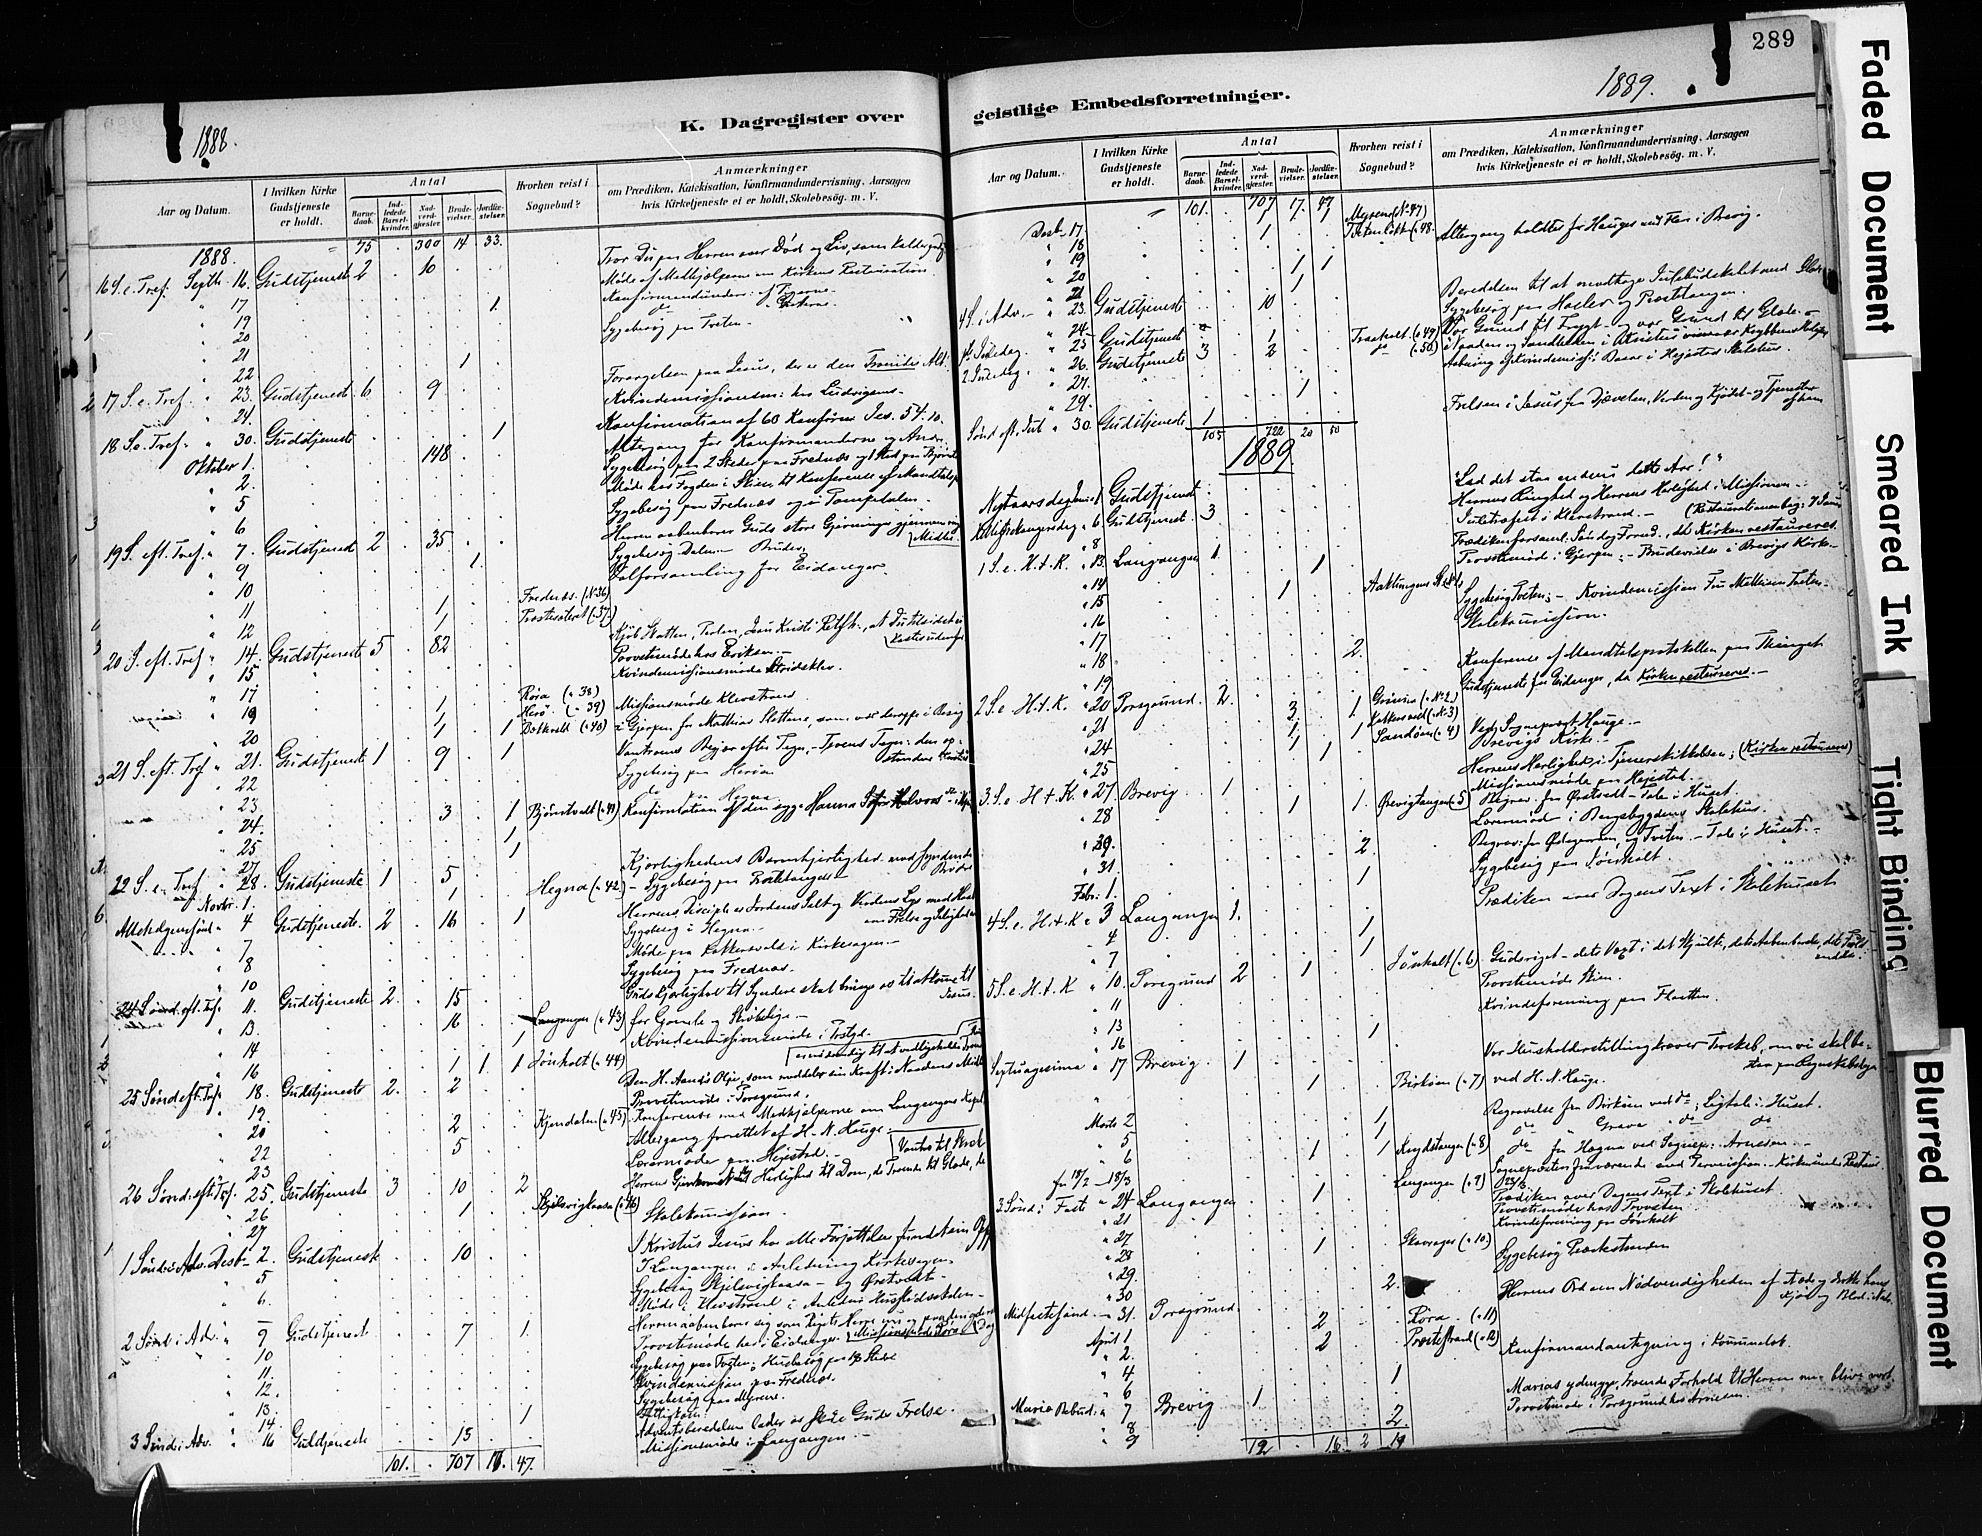 SAKO, Eidanger kirkebøker, F/Fa/L0012: Ministerialbok nr. 12, 1879-1900, s. 289